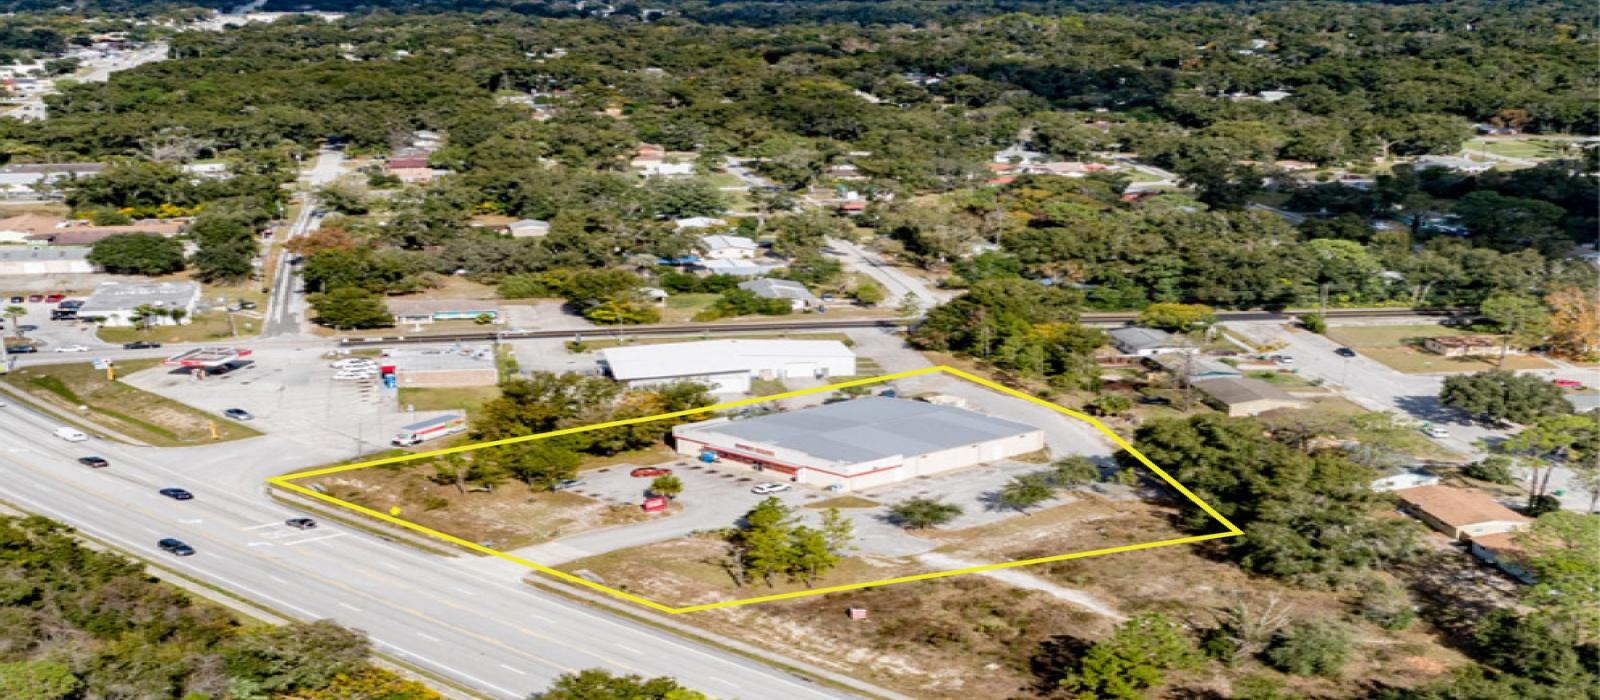 915 S. Spring Garden Avenue, Deland, Florida 32720, ,Retail,For Lease,915 S. Spring Garden Avenue,1031